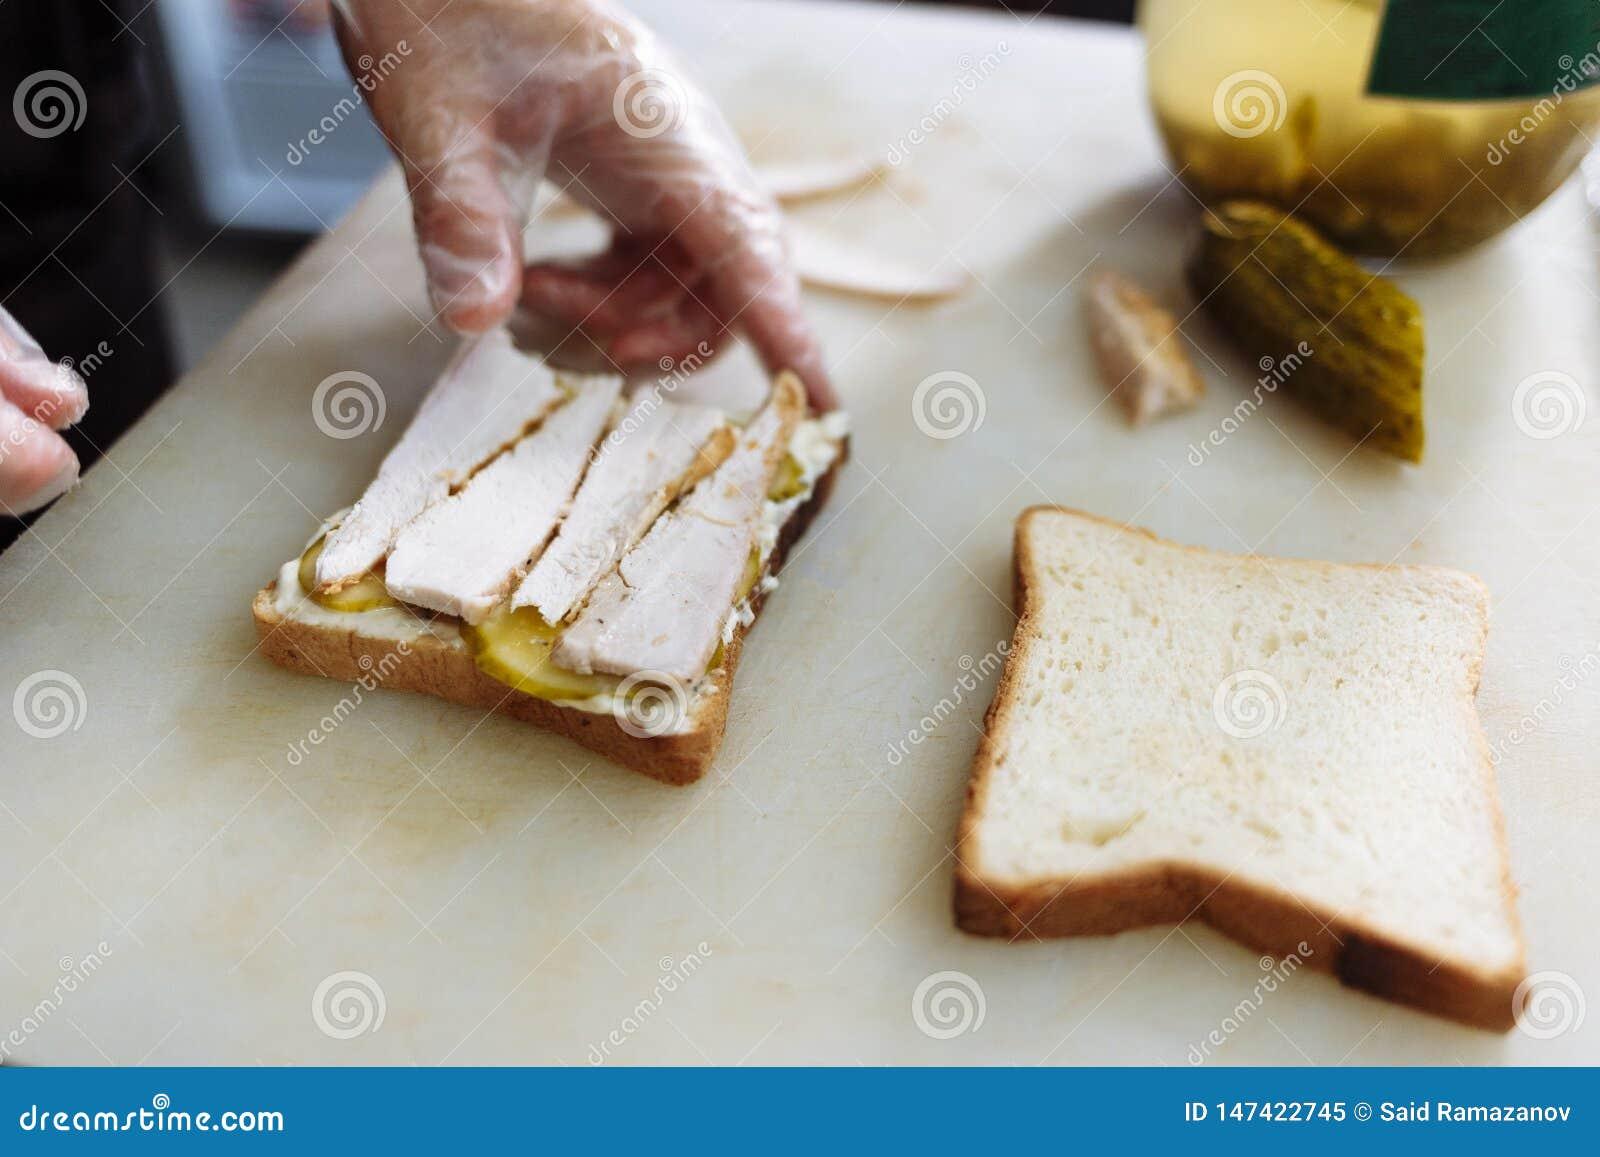 Μάγειρας στα γάντια πολυαιθυλενίου που κατασκευάζει ένα σάντουιτς σε έναν λευκό πίνακα